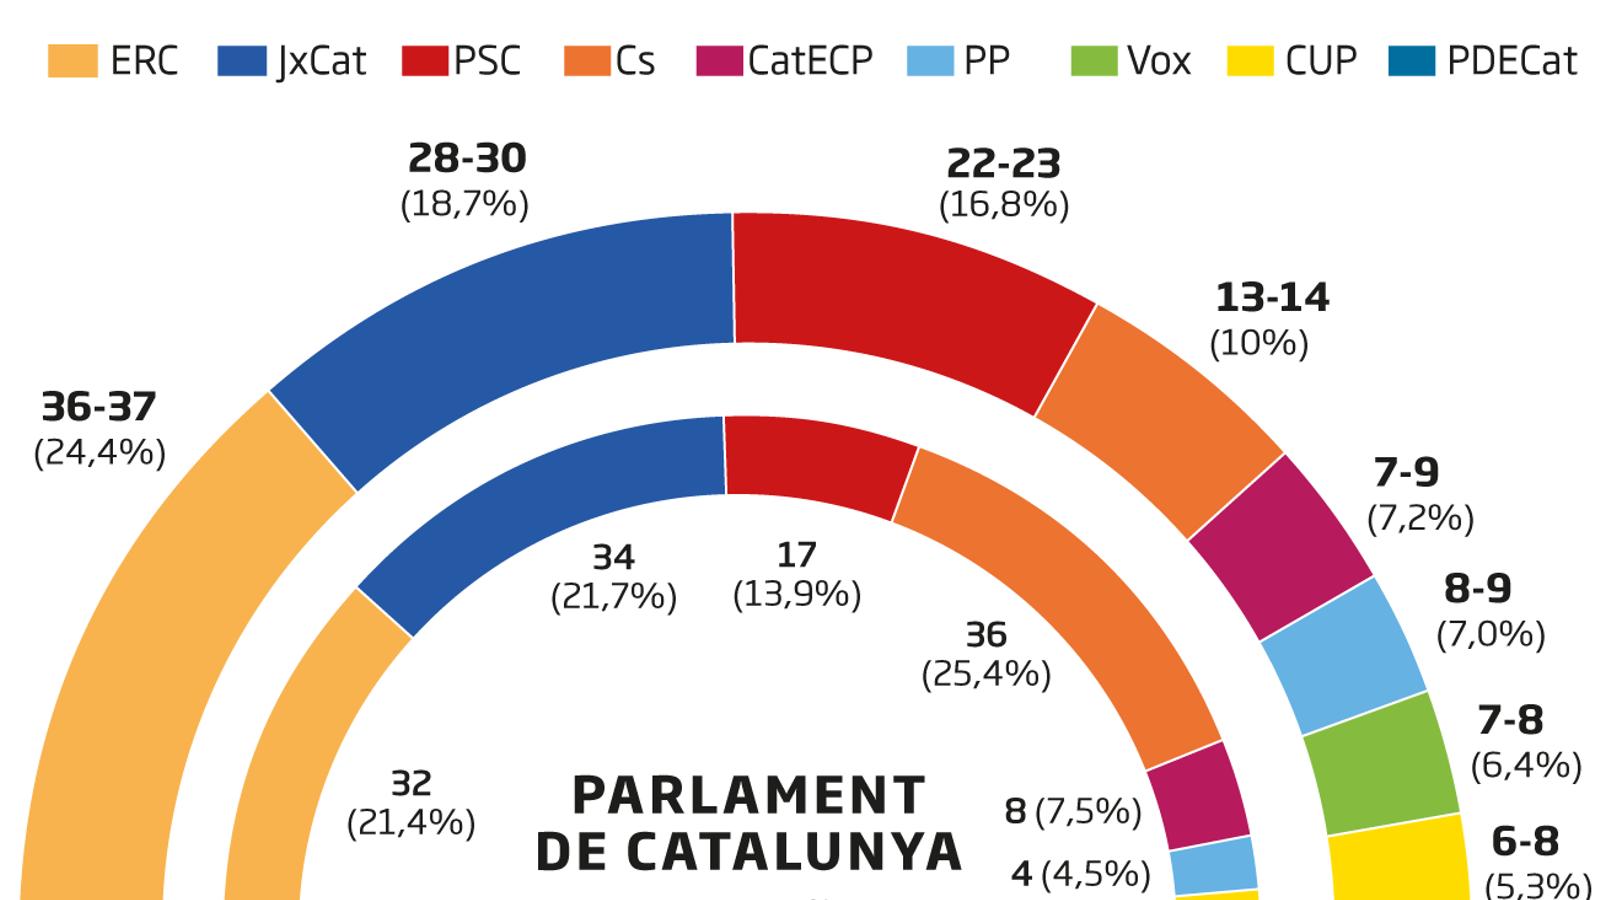 ERC toma distancia respecto a JxCat y ganaría las próximas elecciones al Parlament